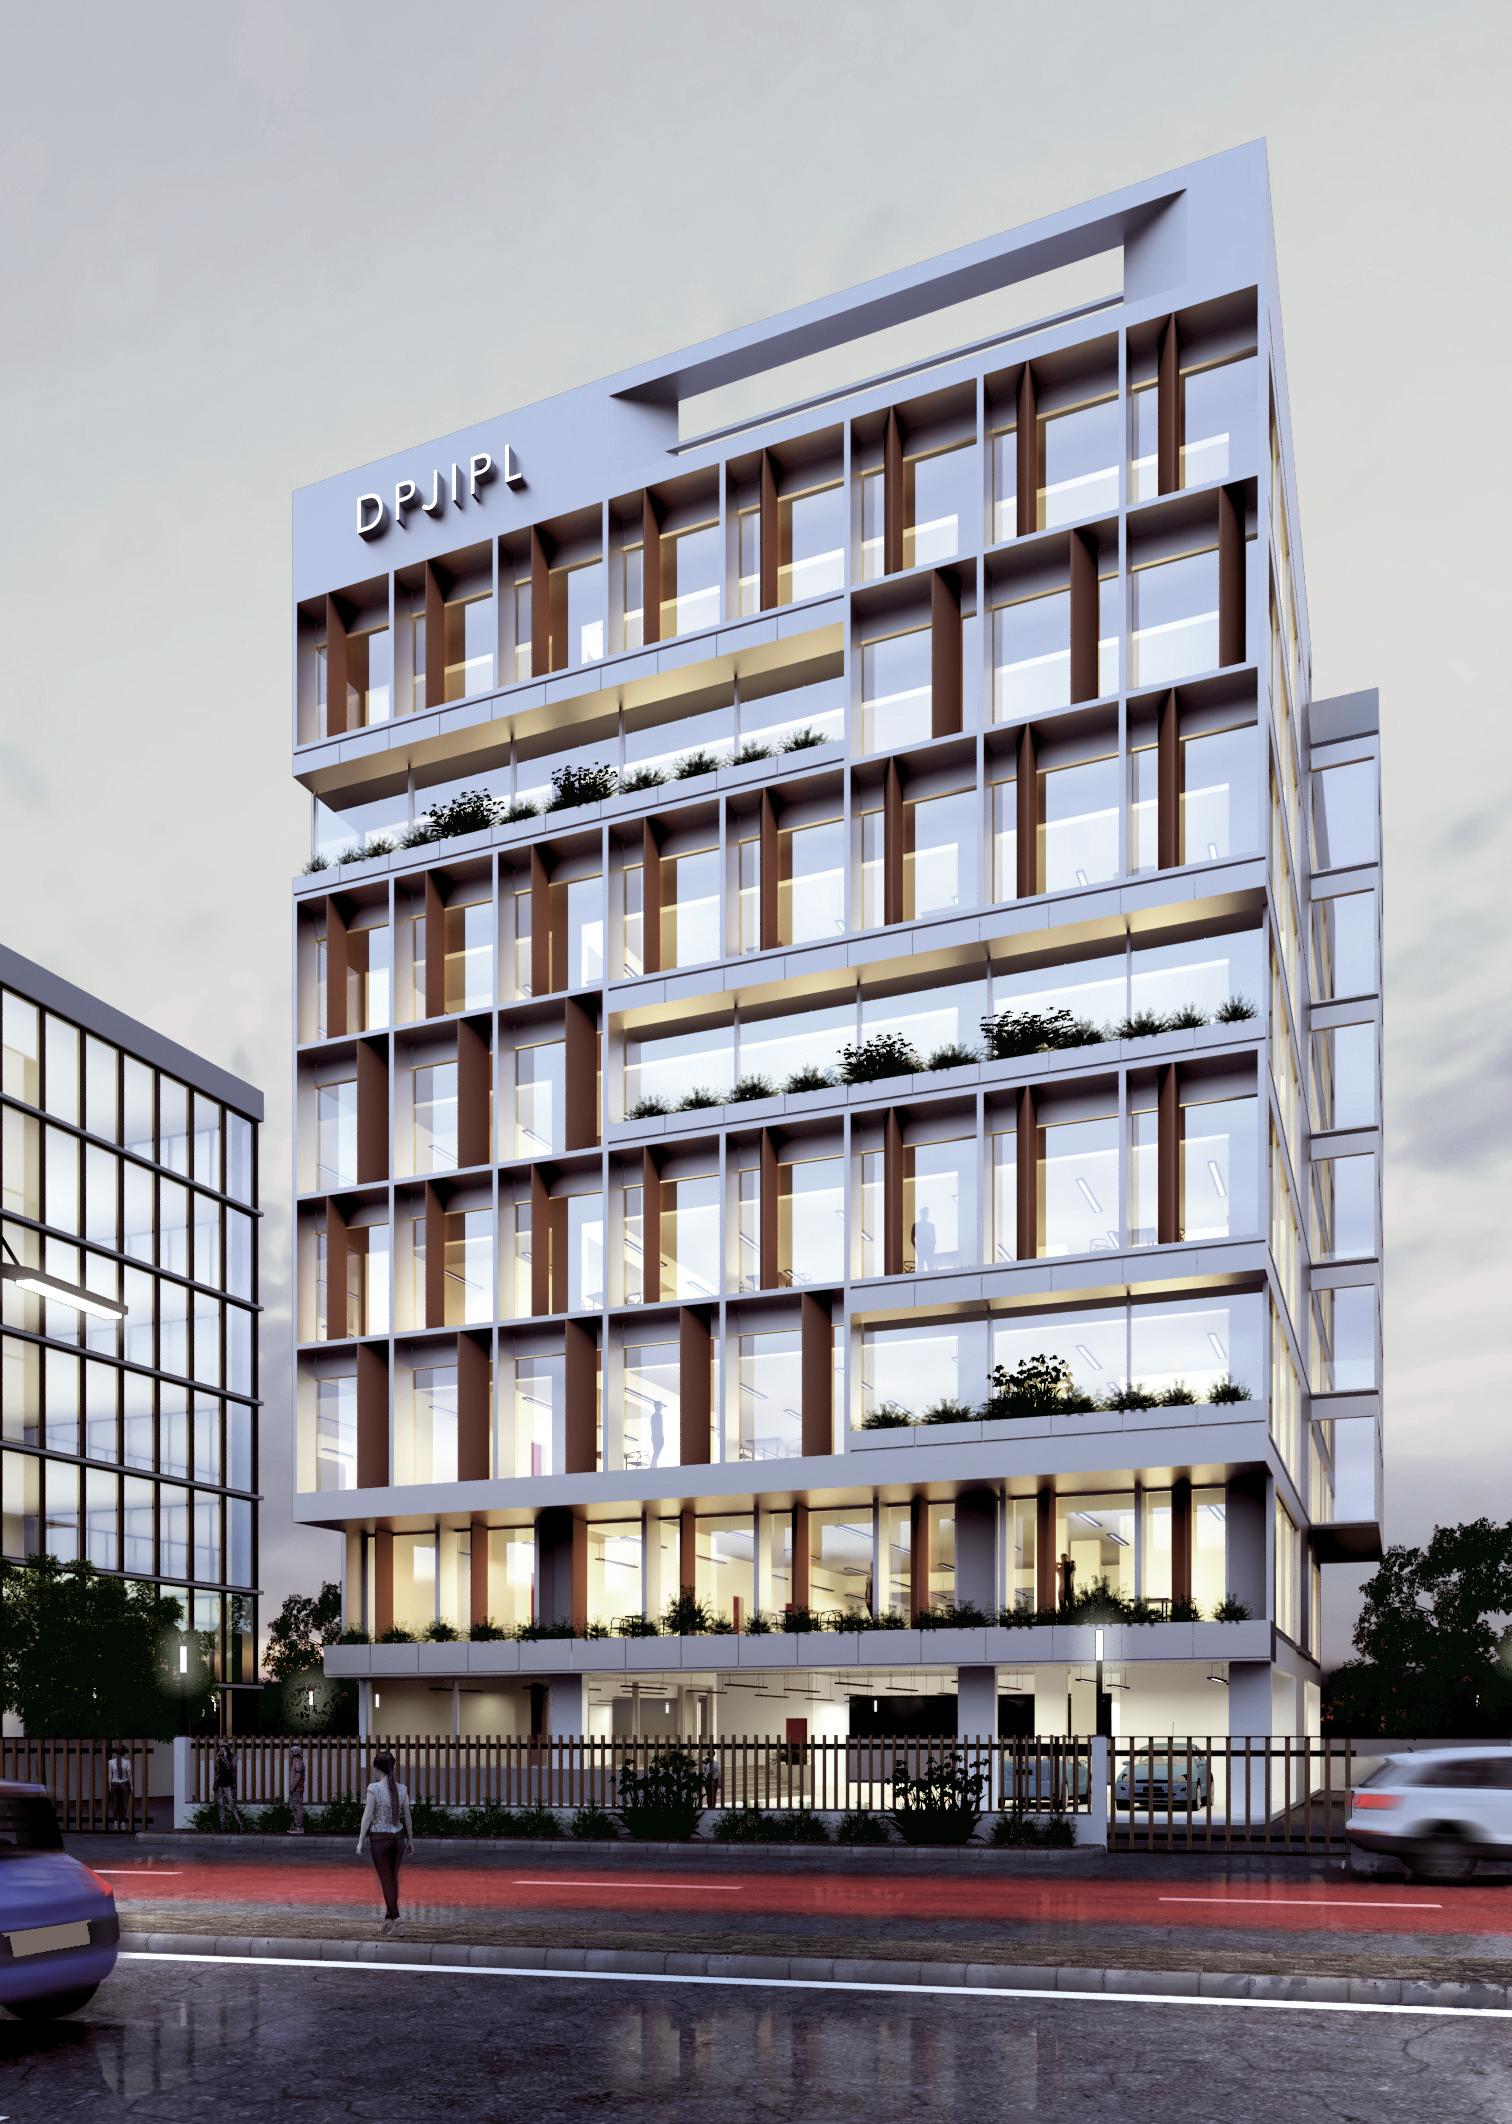 DPJIPL OFFICE BUILDING, NAGPUR    CONCEPT